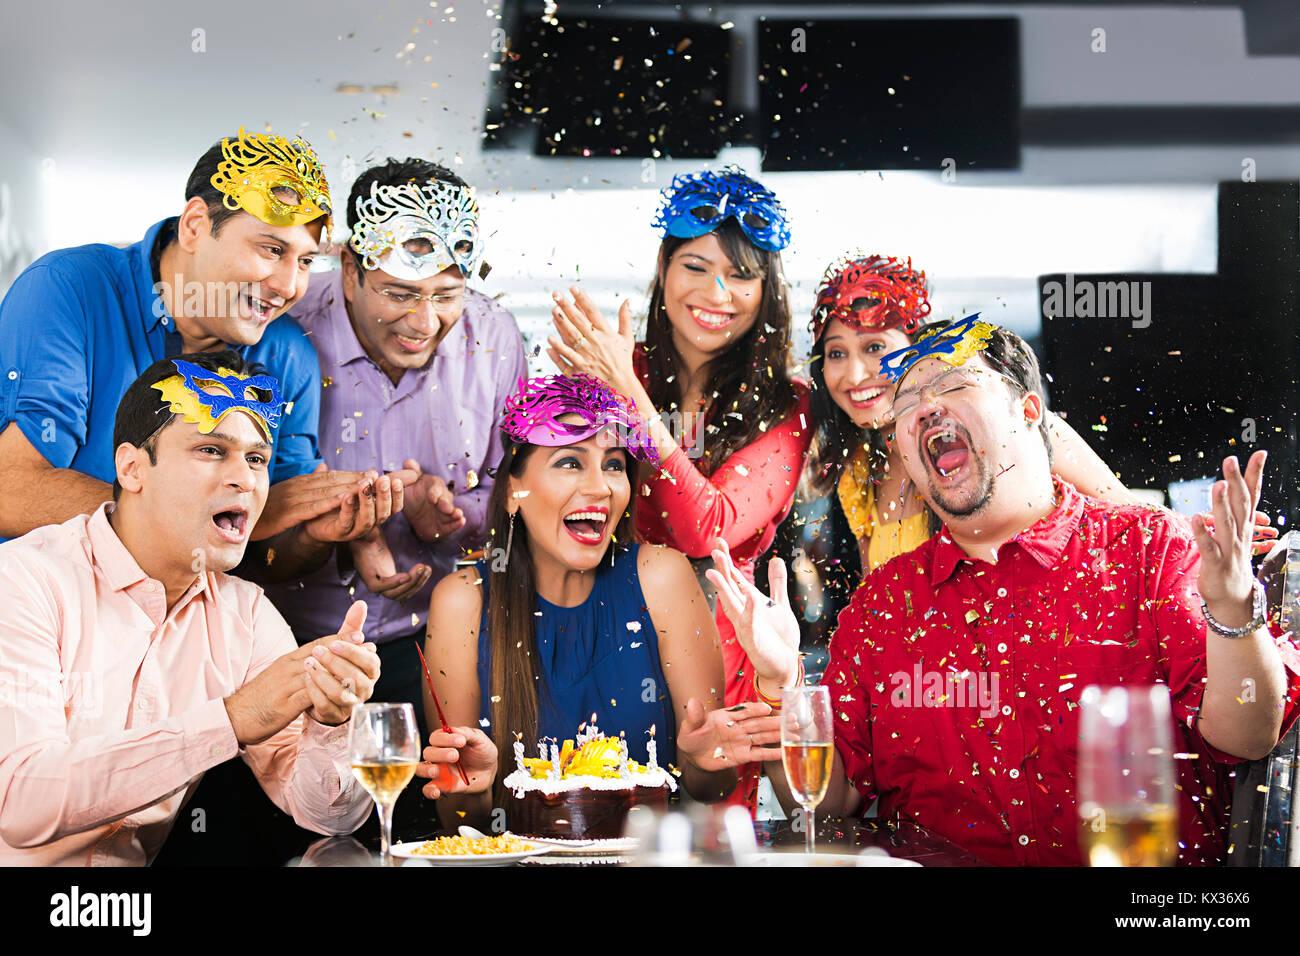 Gruppe Erwachsene Manner Und Frauen Freunde Geburtstag Feier Spass In